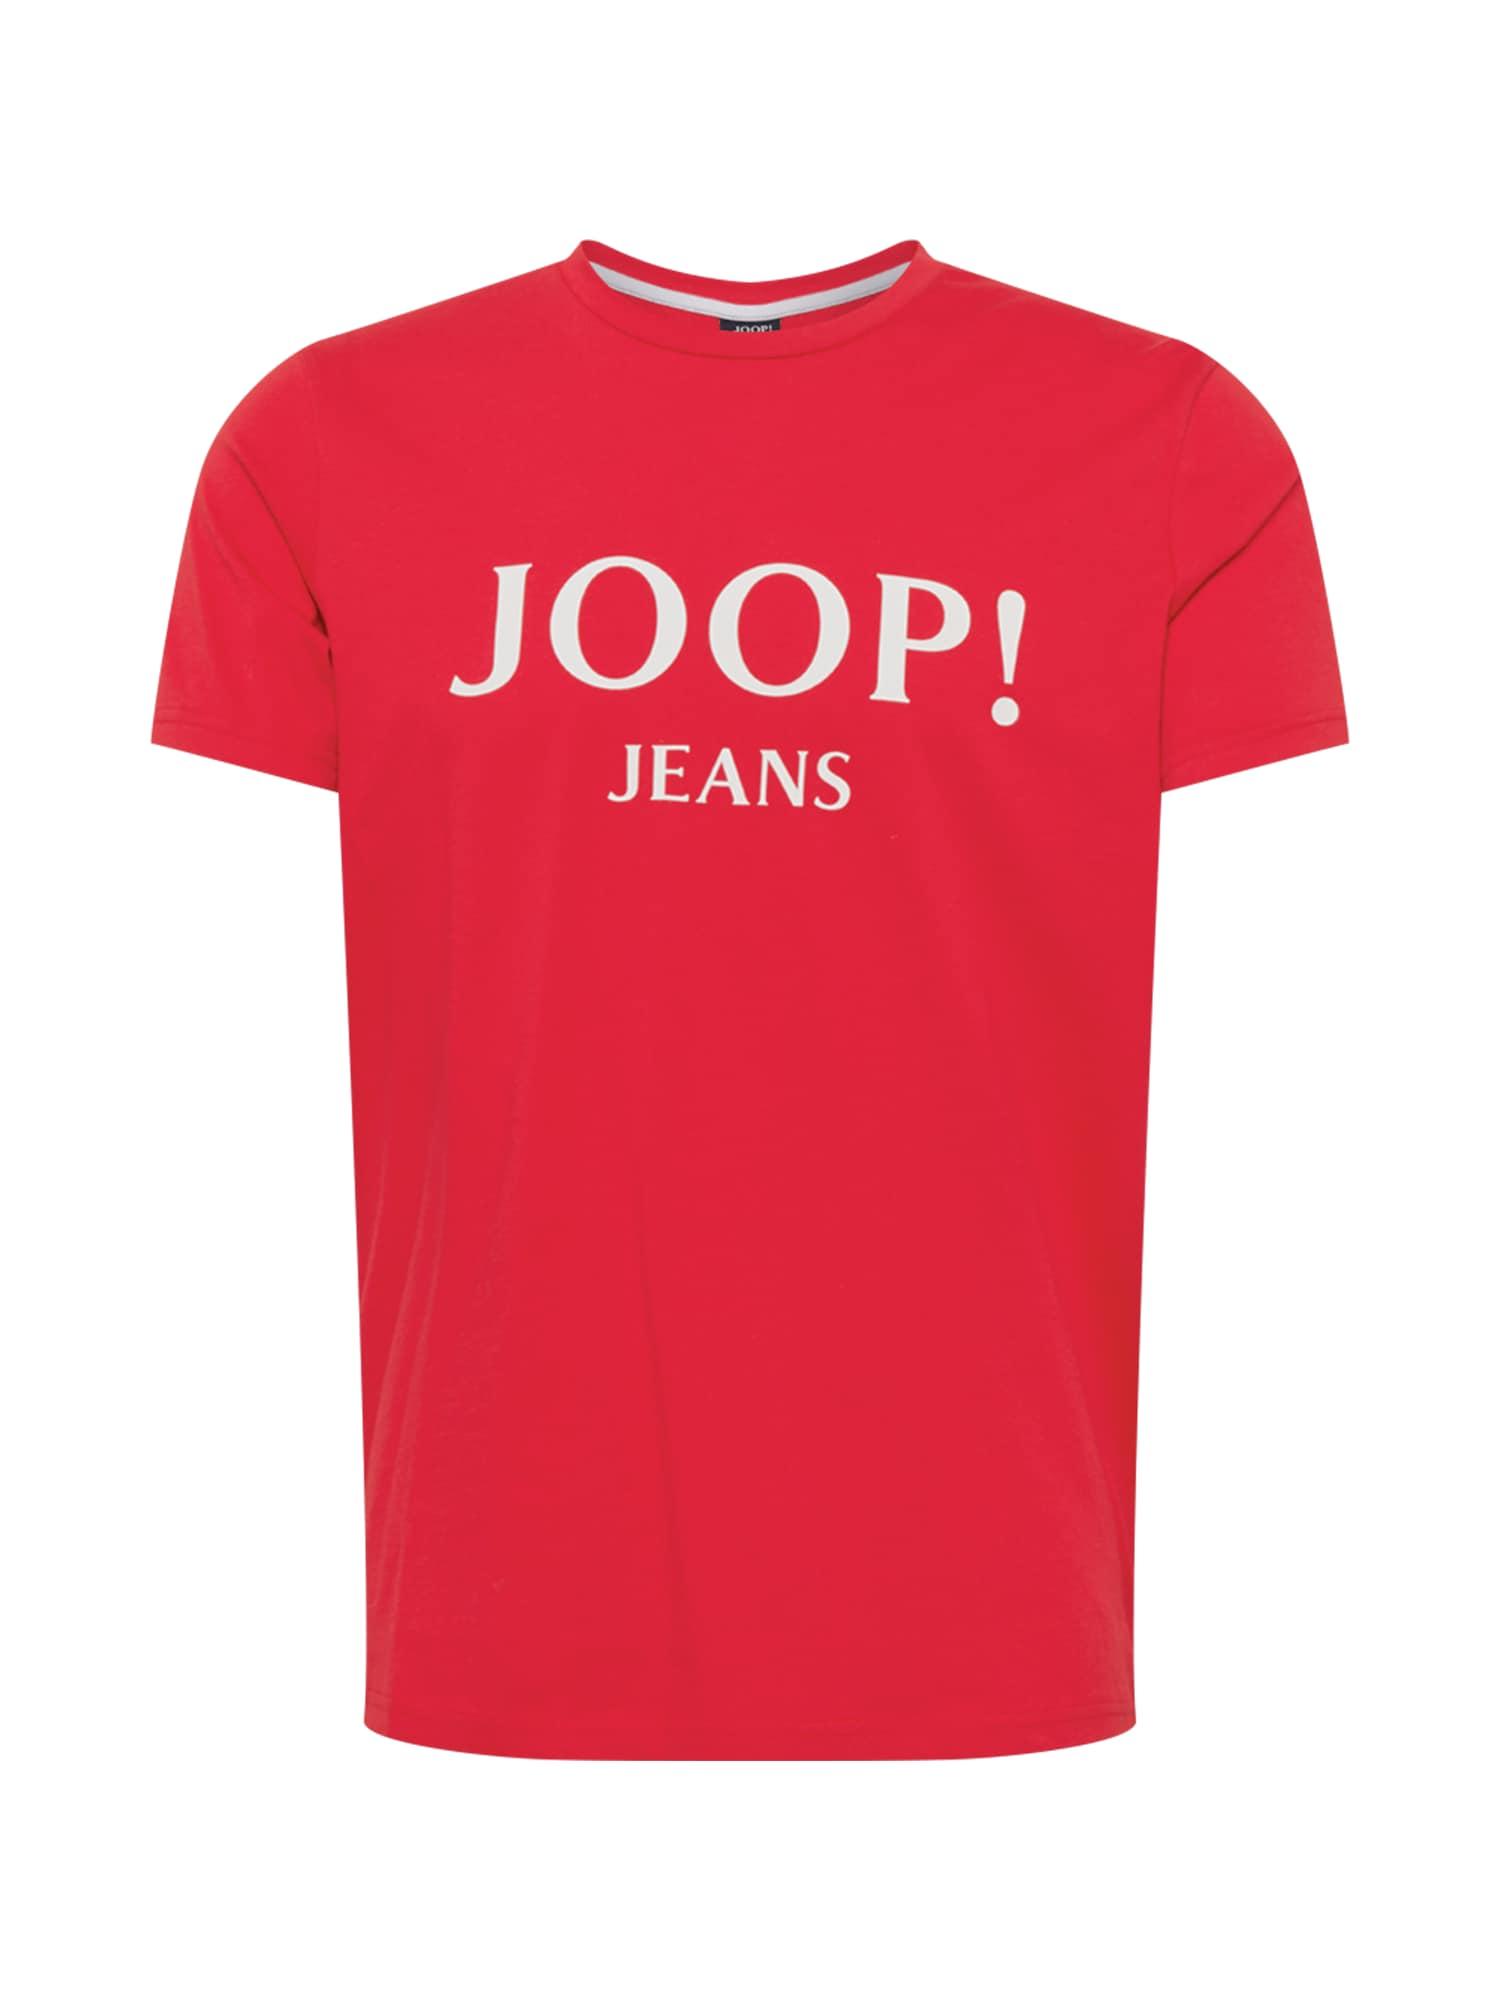 JOOP! Jeans Marškinėliai raudona / balta